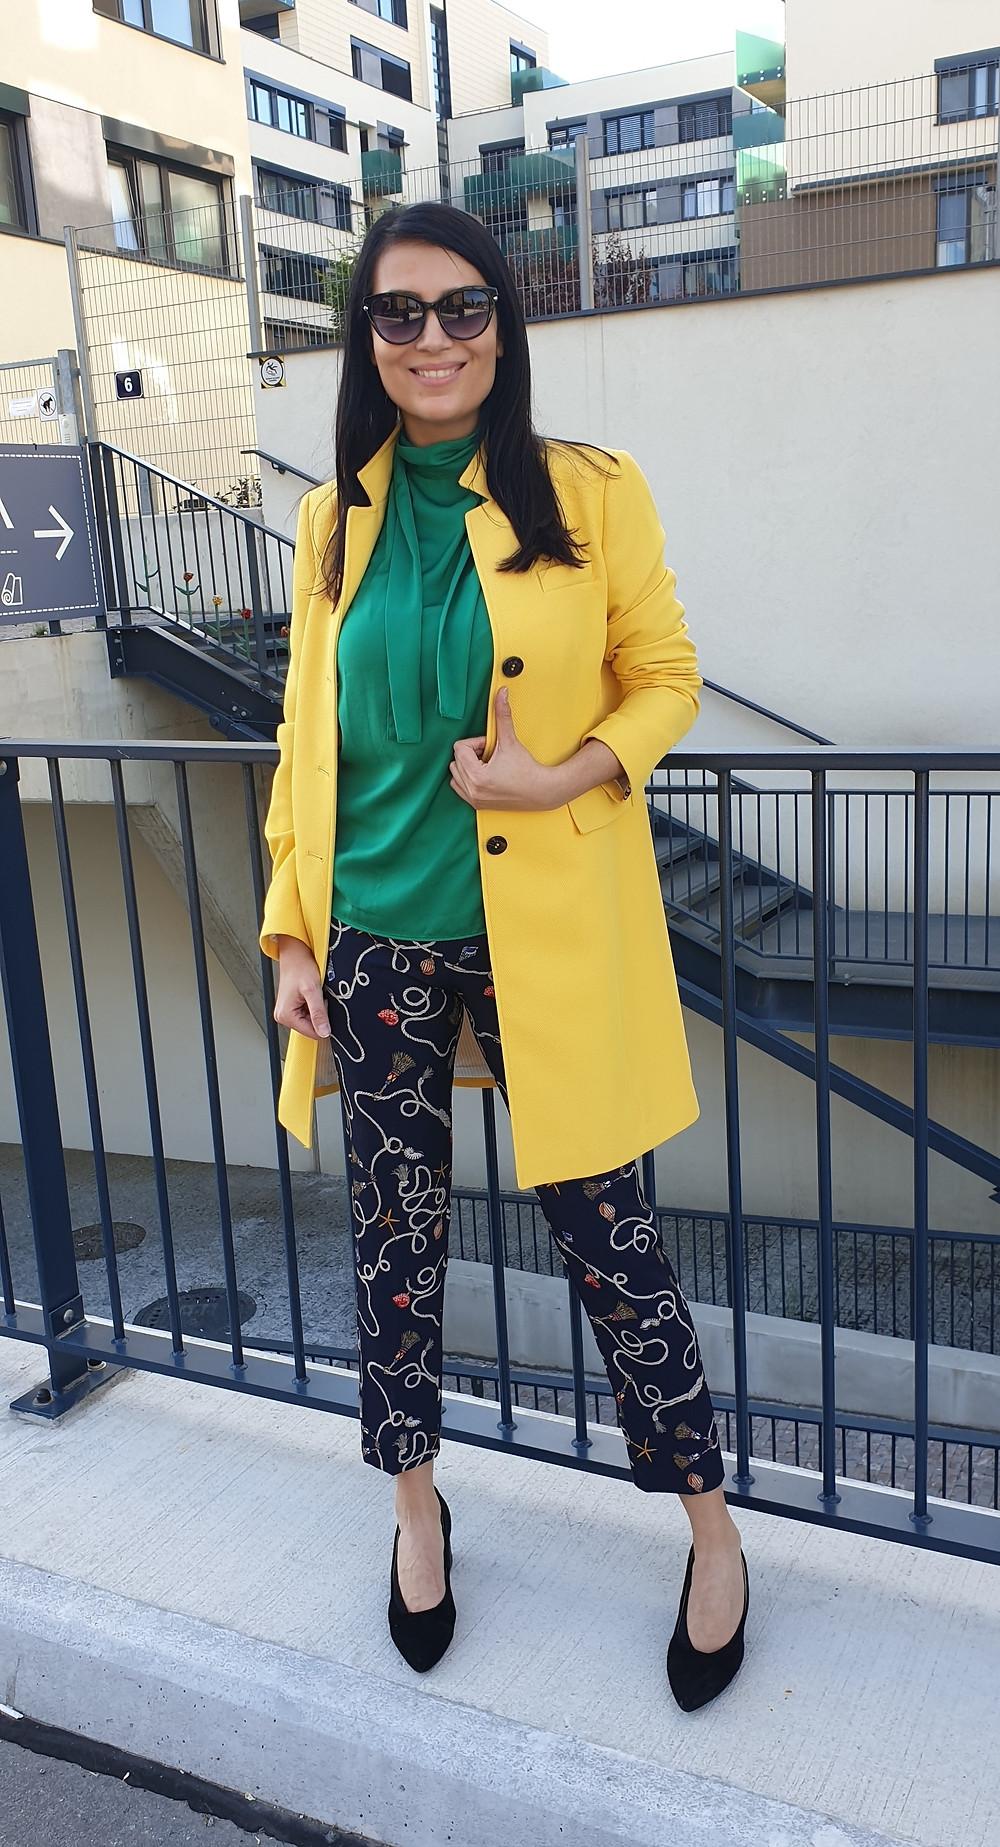 Žlutá, zelená a tmavomodrá